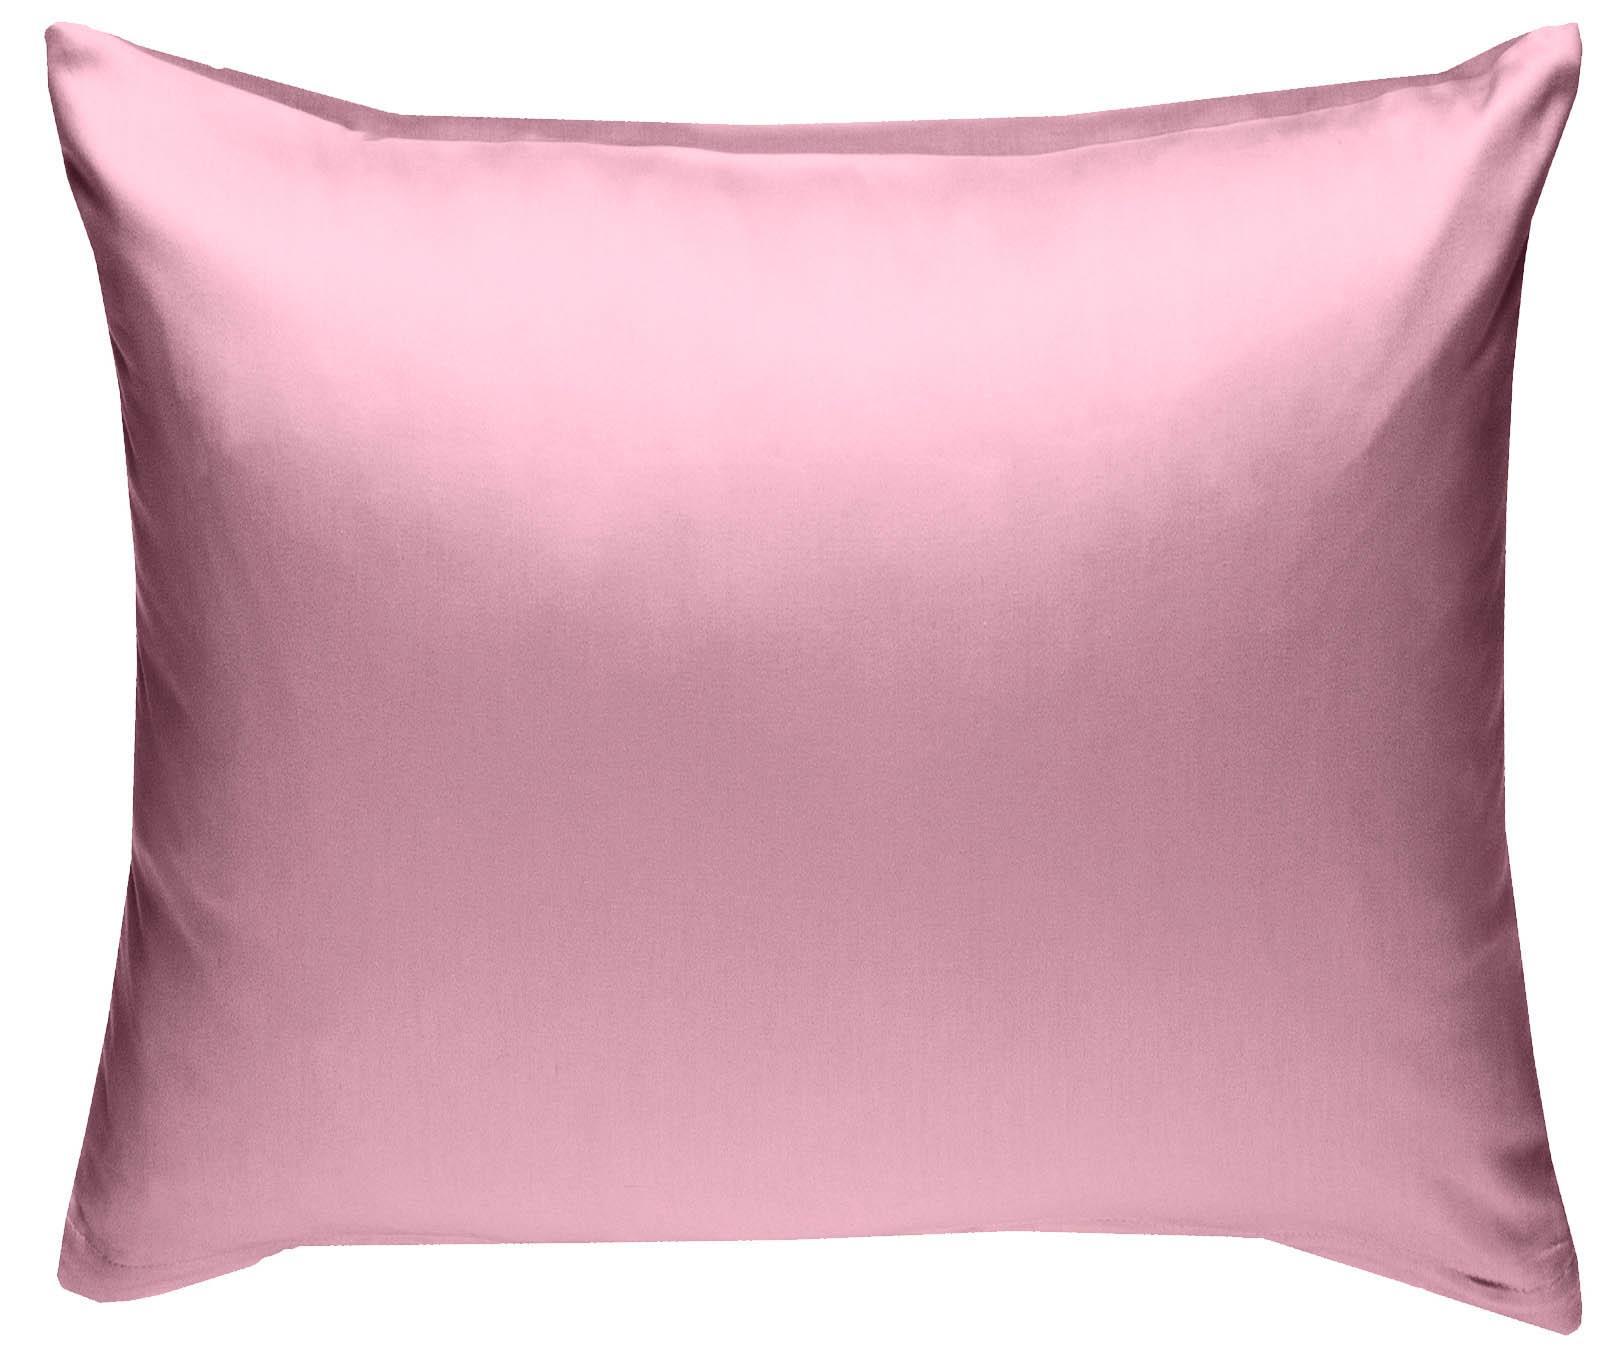 Mako Satin Kissenbezug uni rosa 80x80 cm